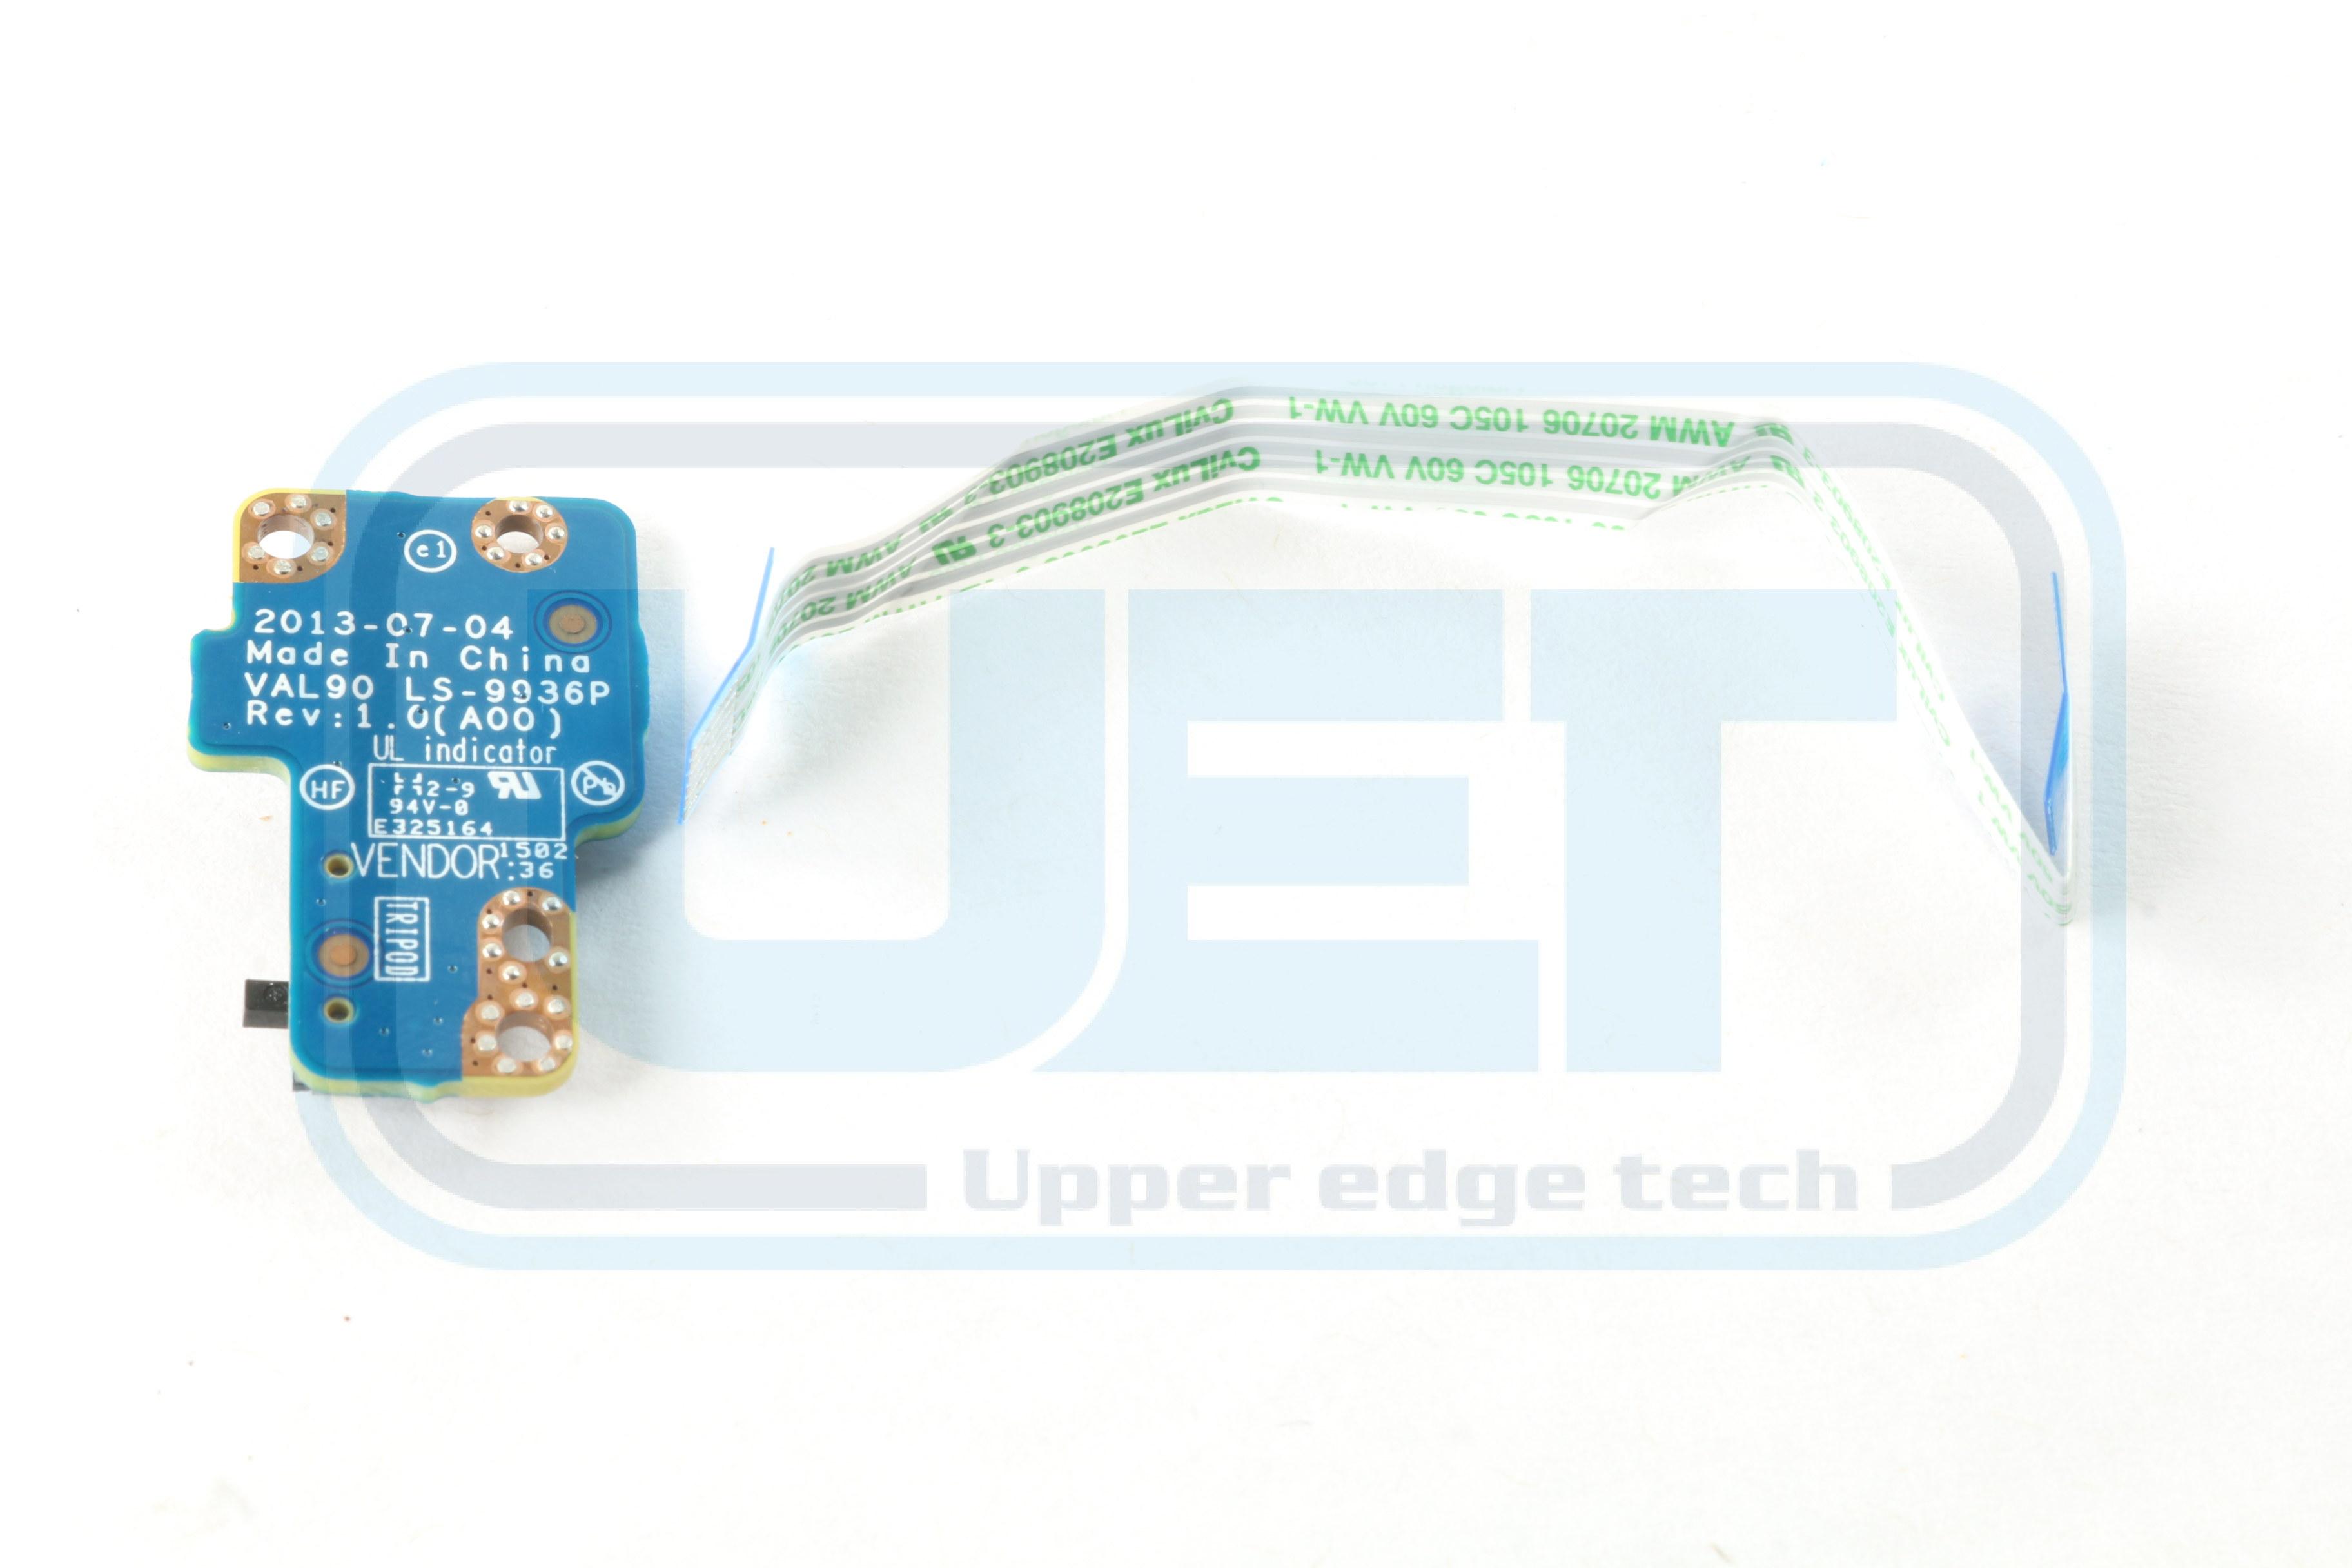 Dell Latitude E6440 XWHRR WiFi Wireless Switch Sniffer Board LS-9936P